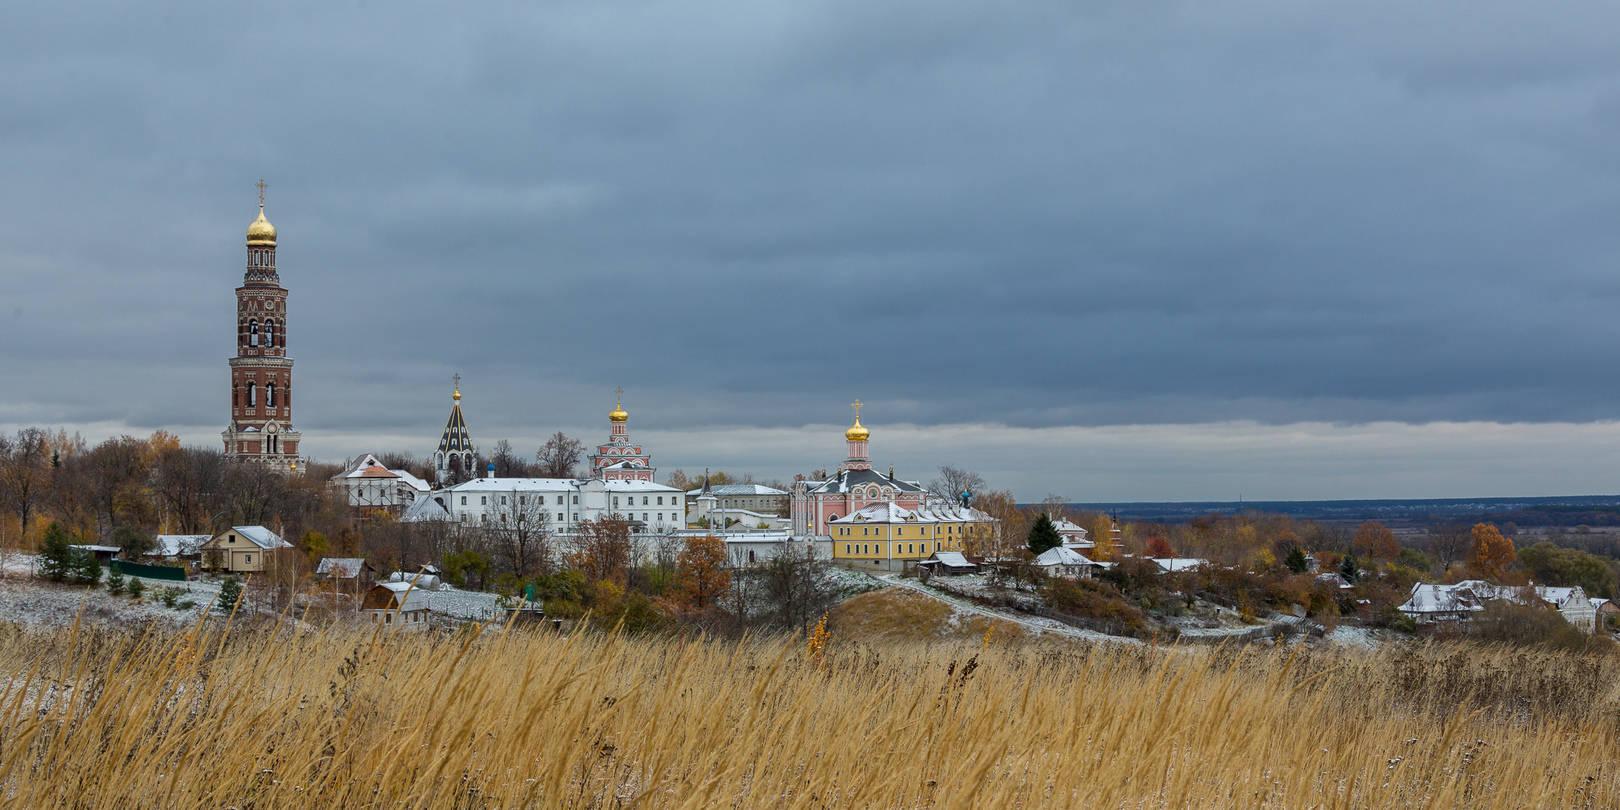 Под небом осени холодной. Иоанно-Богословский мужской монастырь села Пощупово вблизи Рязани